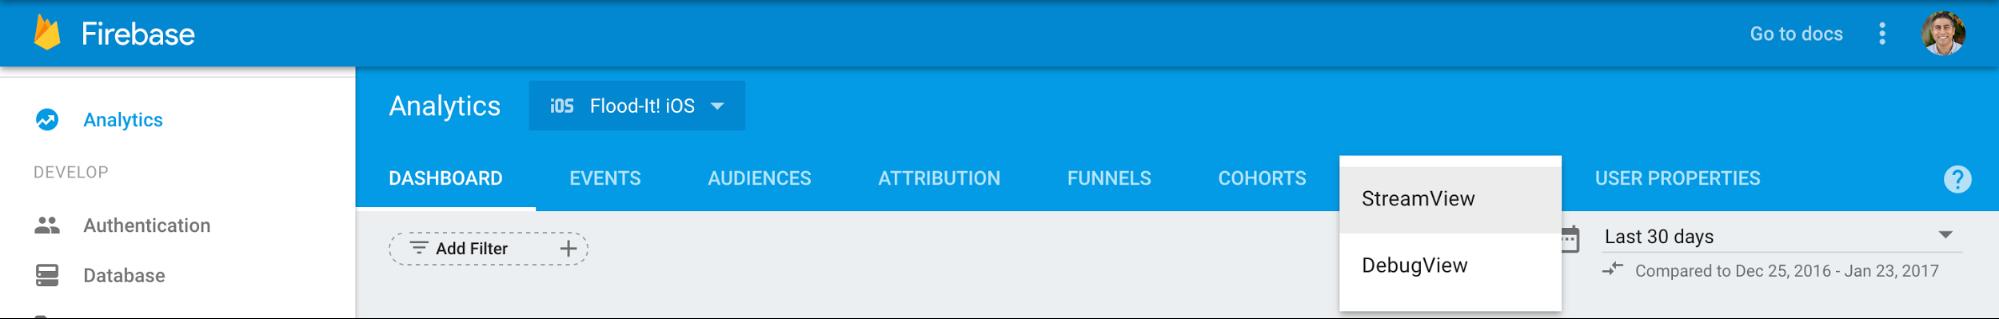 Selecciona la flecha que aparece junto a StreamView en la parte superior de Google Analytics para Firebase y selecciona DebugView para ir a DebugView